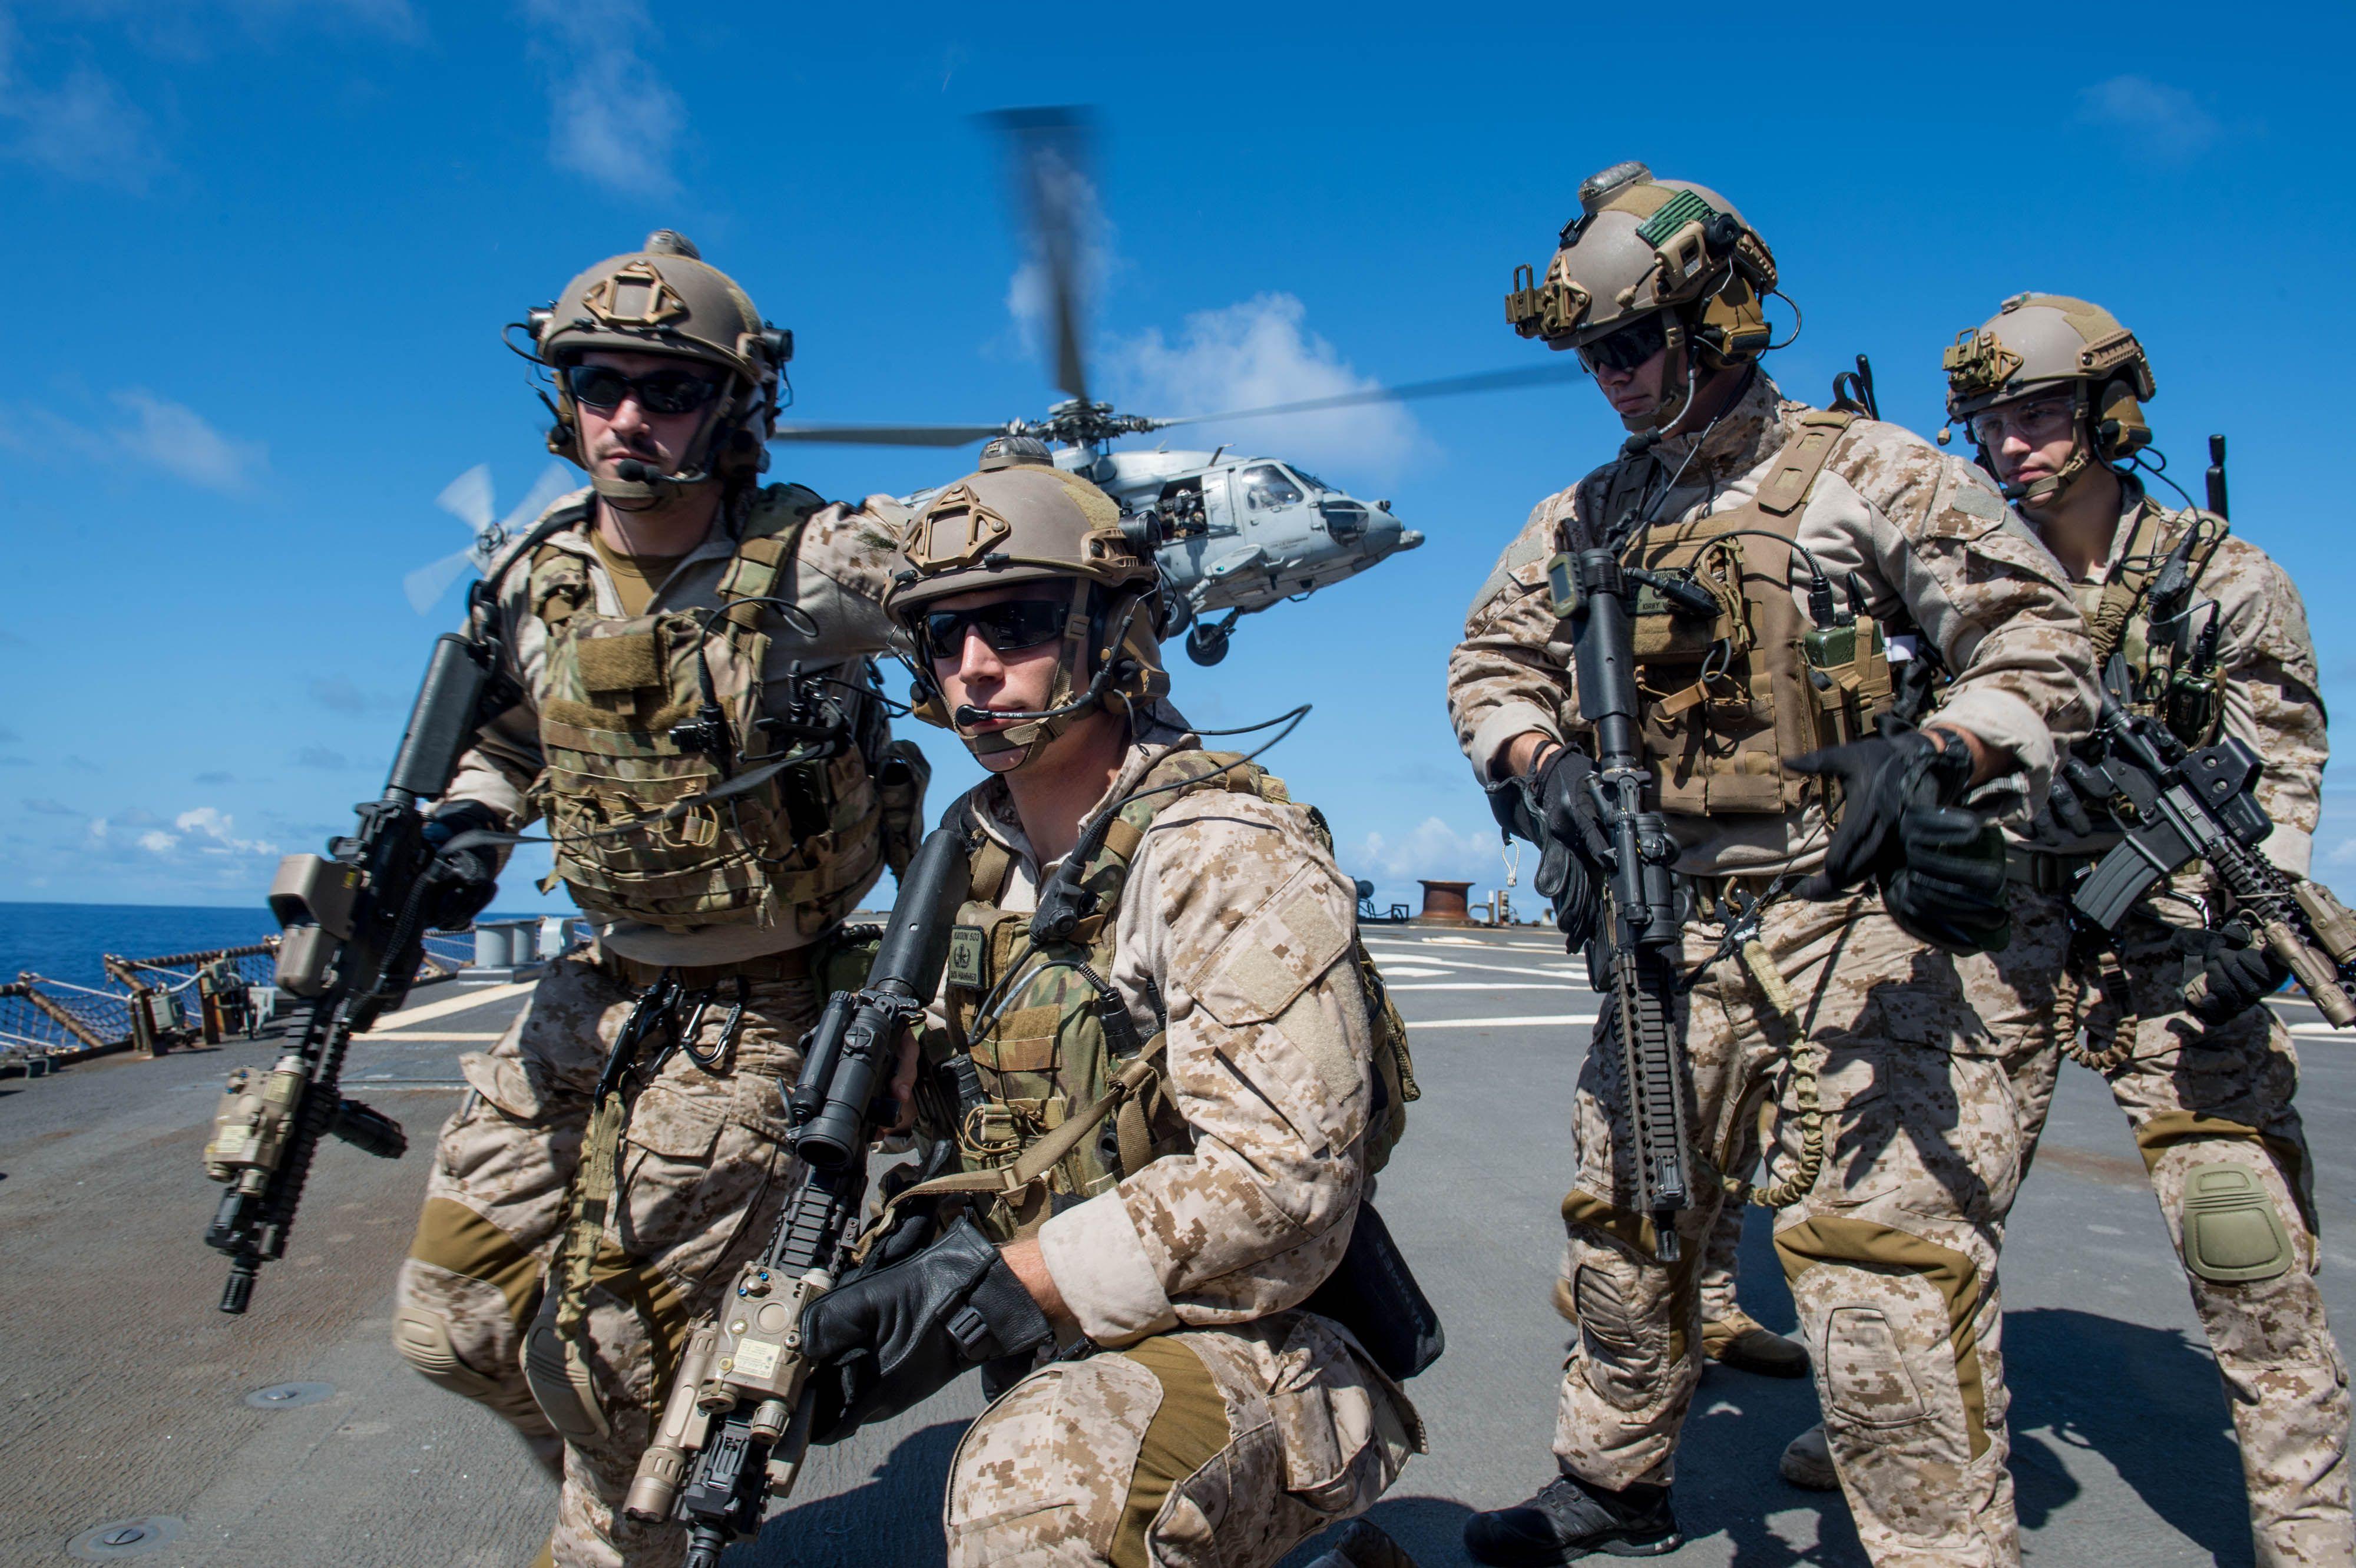 17 beste ideeën over Navy Eod op Pinterest - Navy seals, Speciale ...